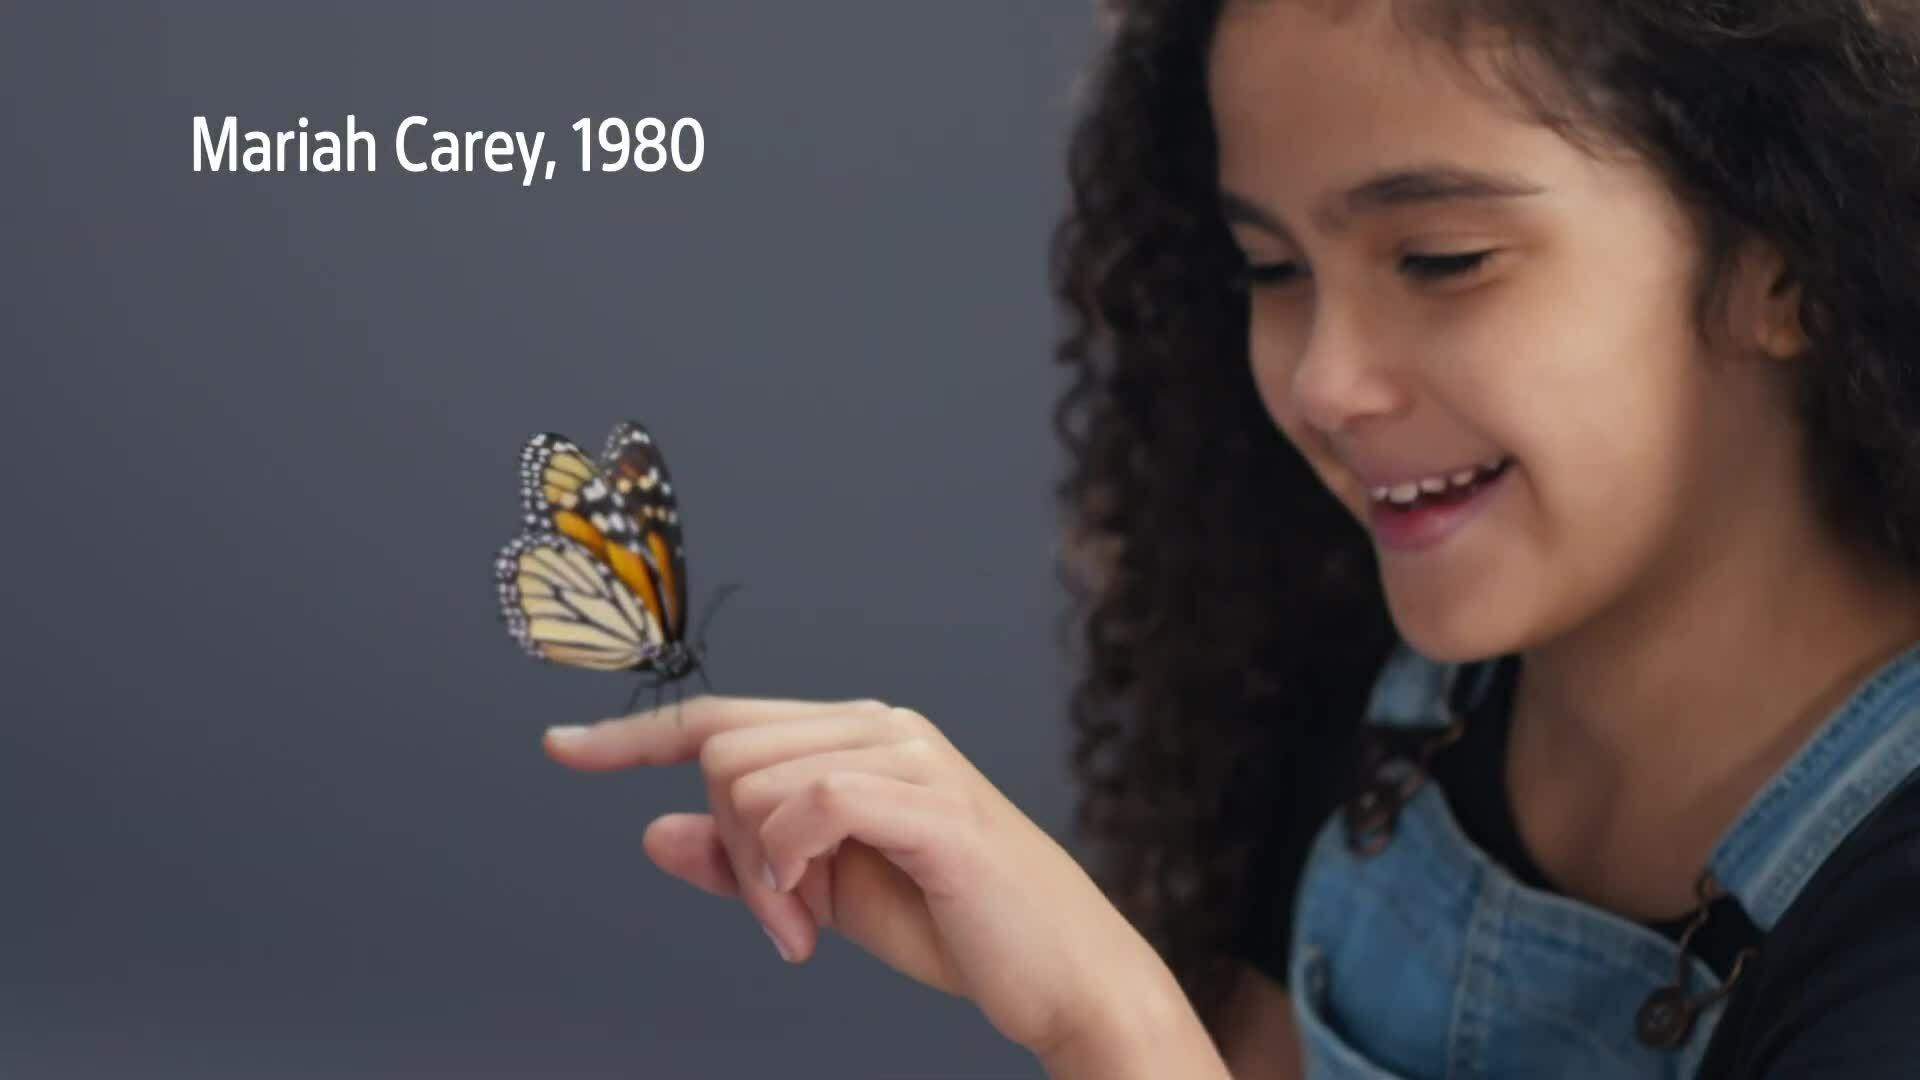 Con gái Mariah Carey lần đầu làm mẫu